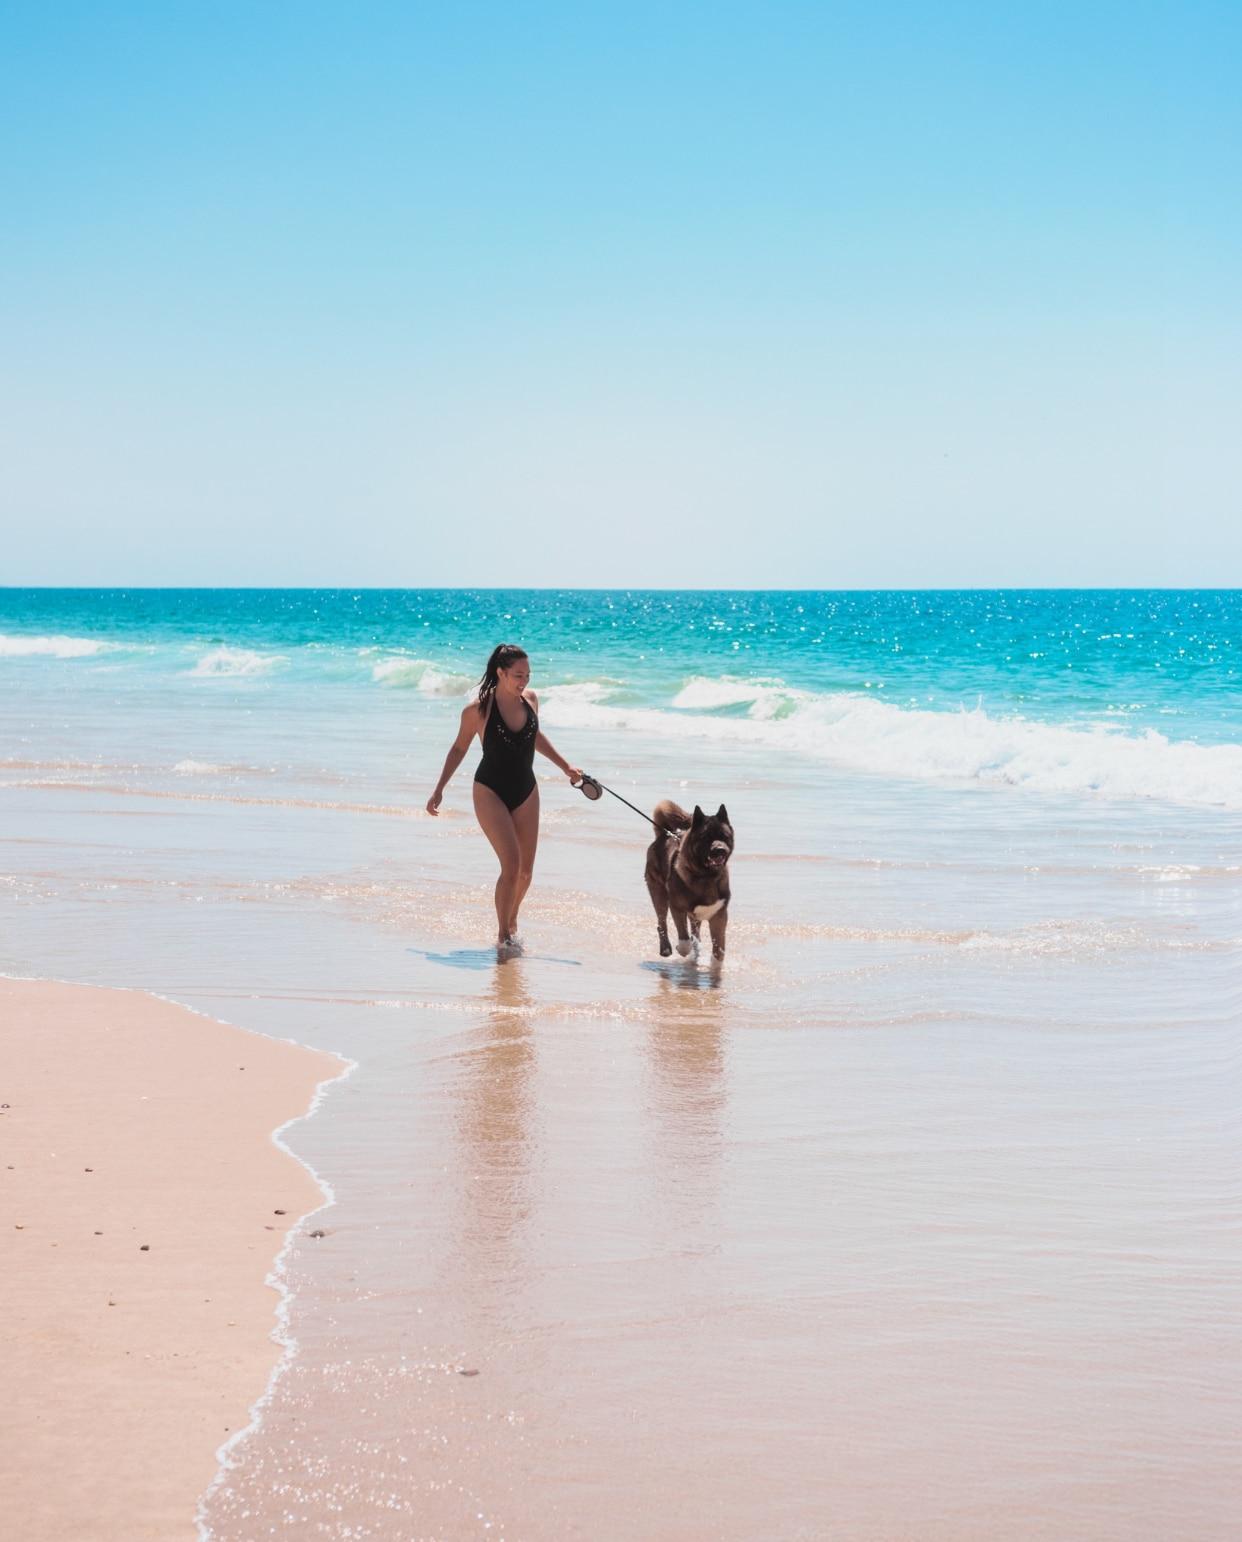 Les meilleurs lieux de promenade et spots de baignade à découvrir avec son chien en Gironde